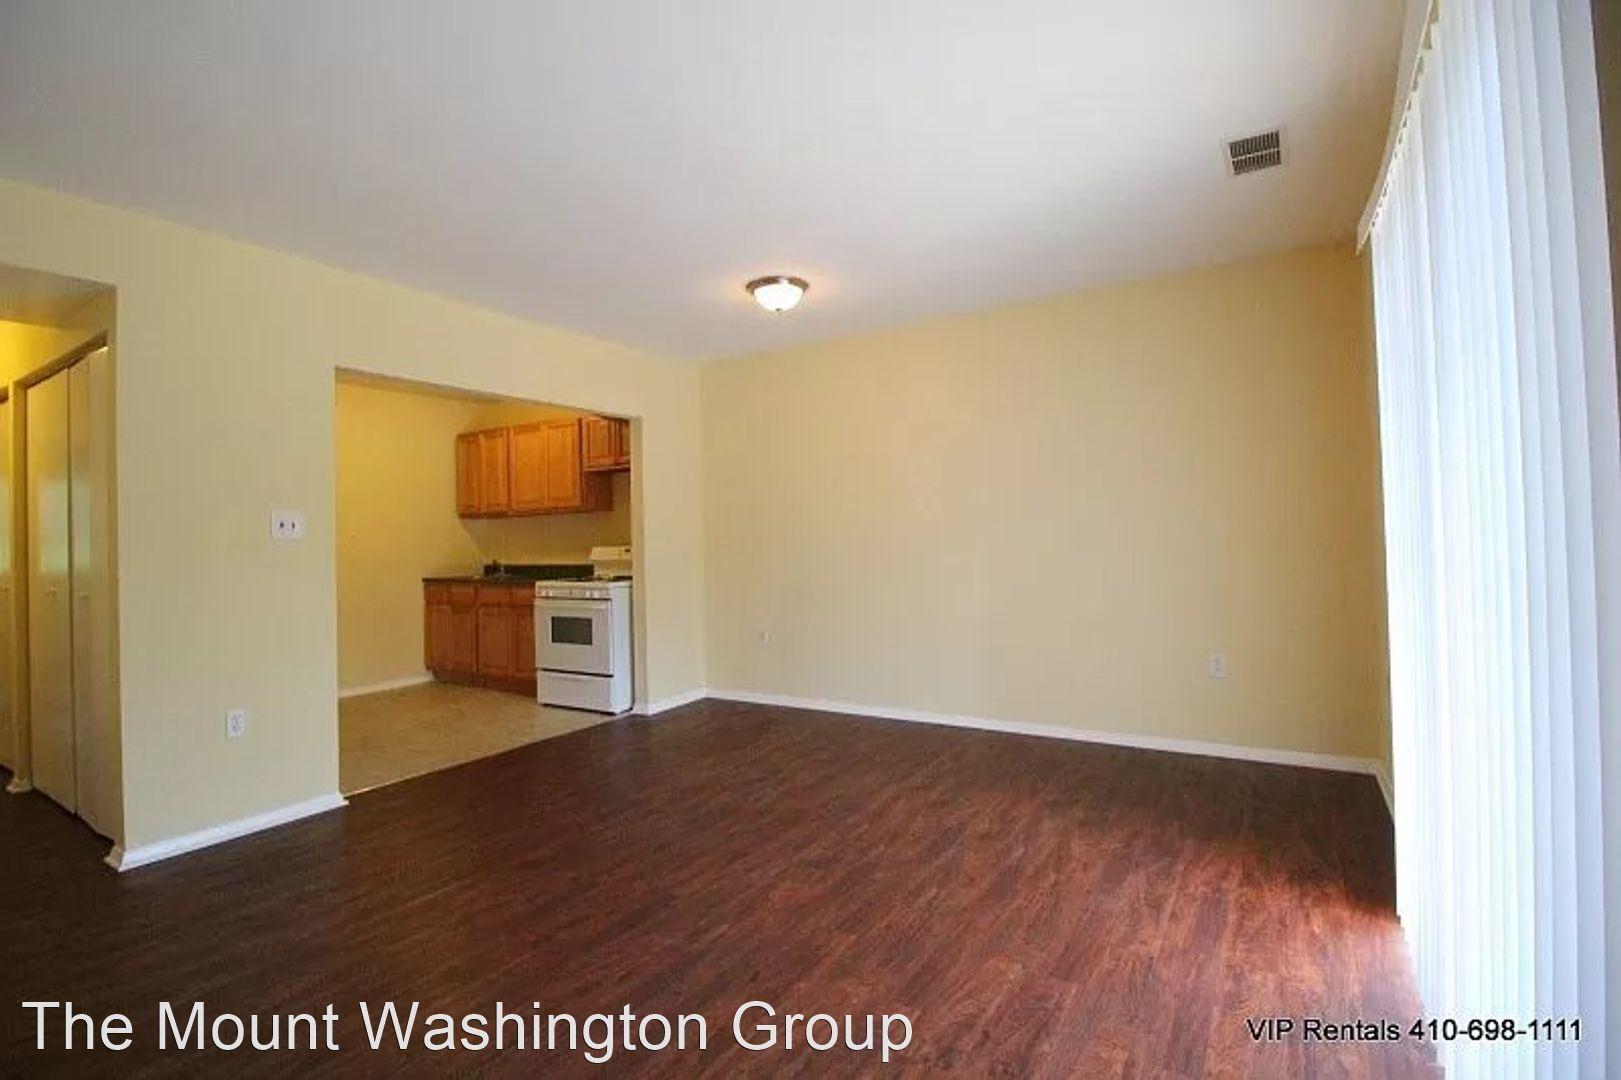 3908 Groveland Ave, Baltimore, MD - $845